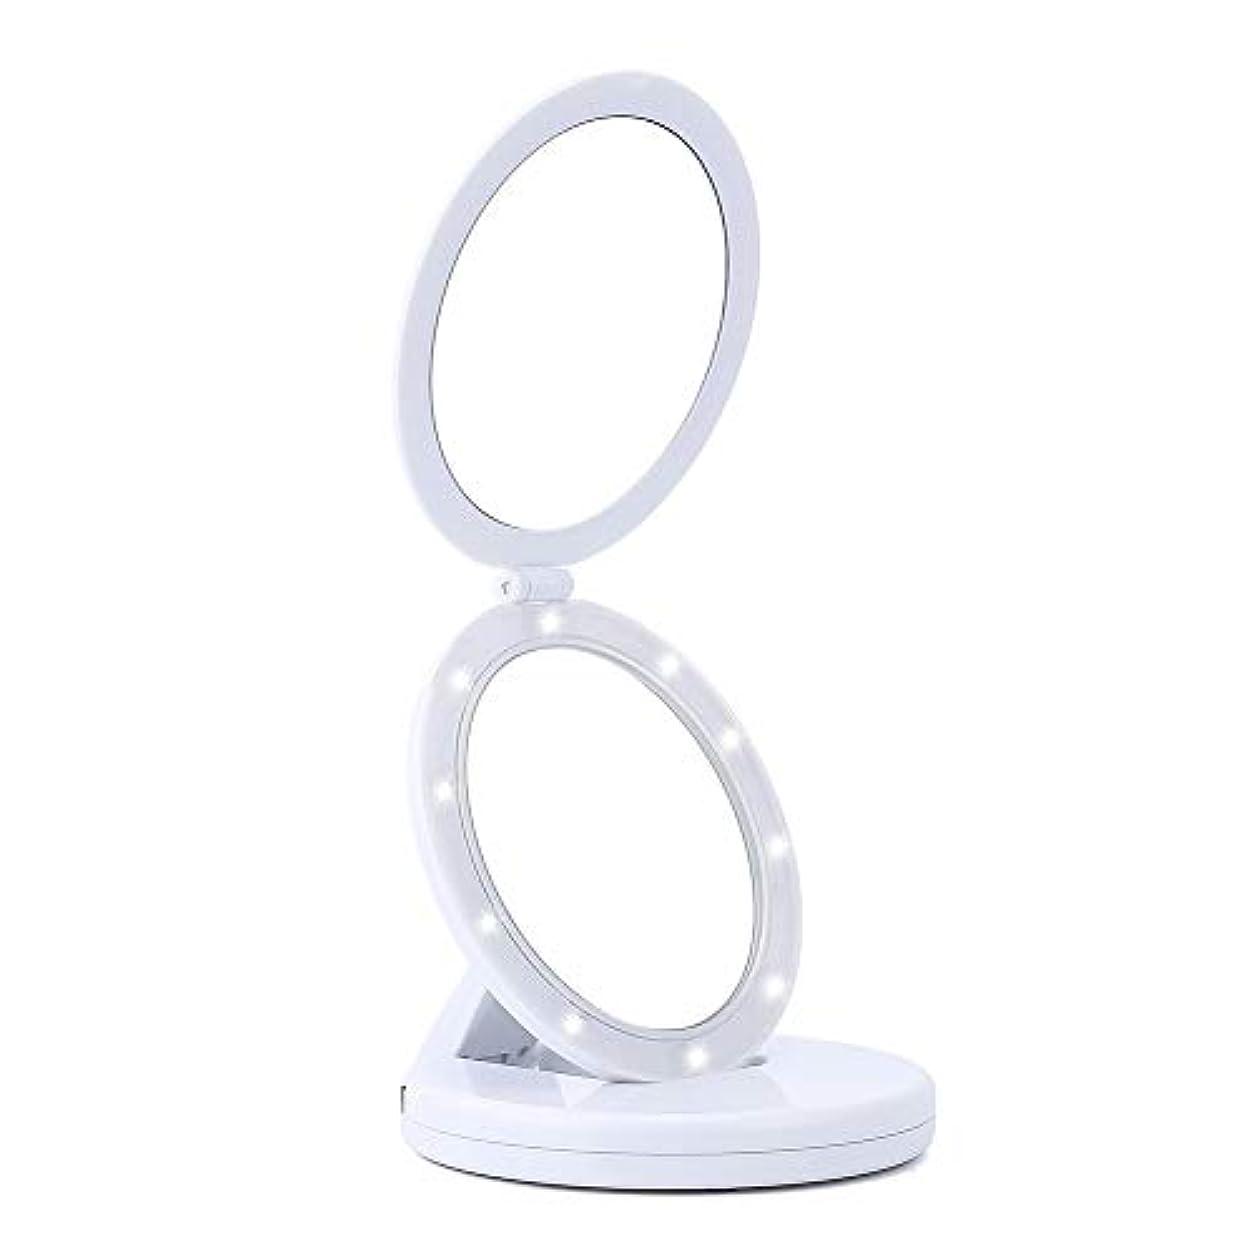 セラー行方不明ルビーASOSMOS コンパクト鏡 女優ミラー 折りたたみ式 5倍拡大鏡 LEDライト付き 卓上 化粧ミラー 円形 携帯用 USB給電 メイクミラー